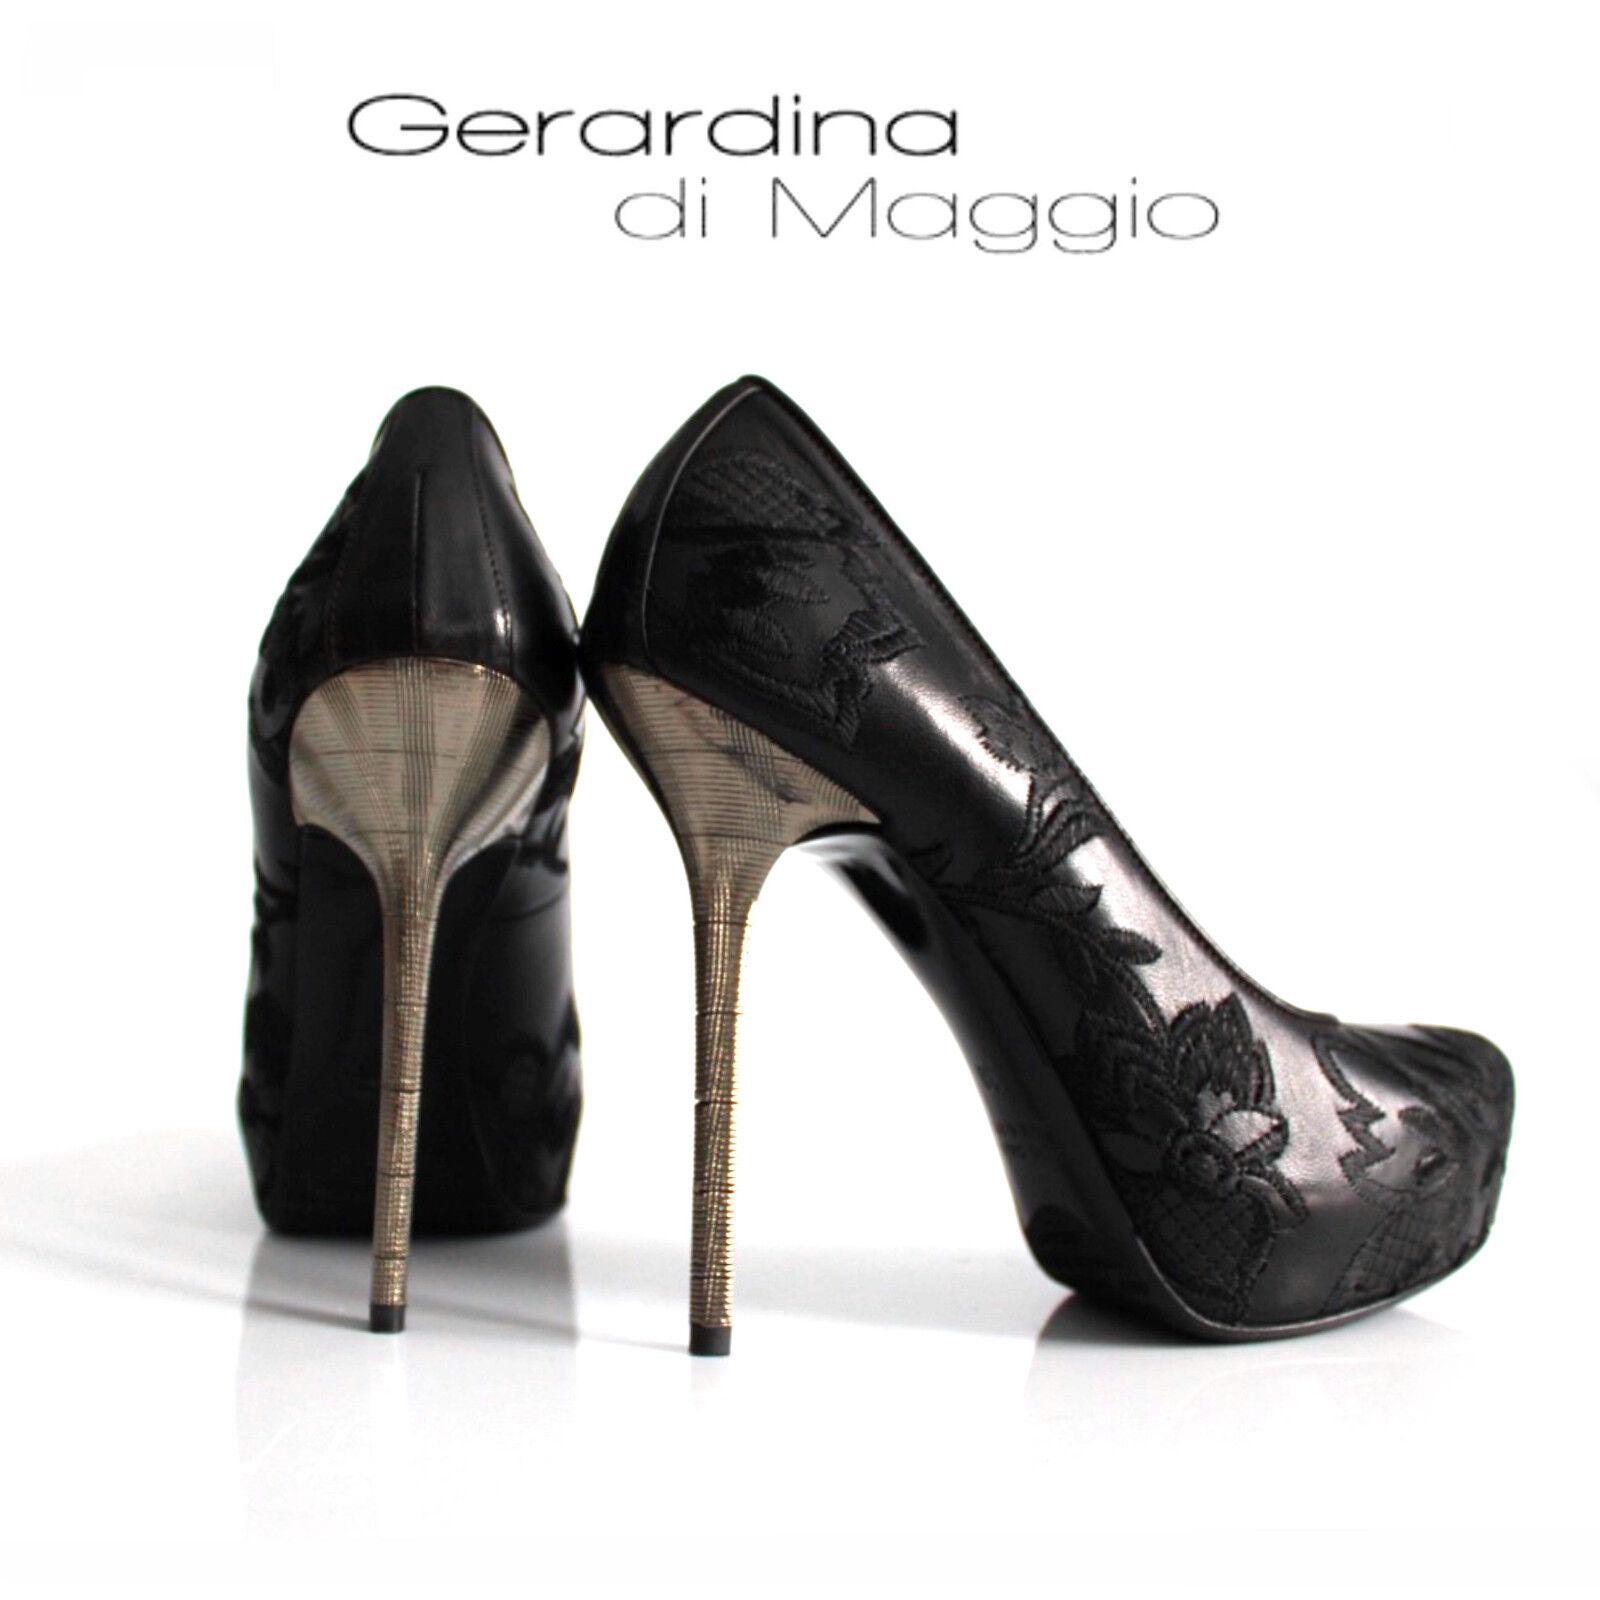 GERARDINA DI MAGGIO  Leder Pumps 39 mit Stickerei schwarz %SALE% OVP